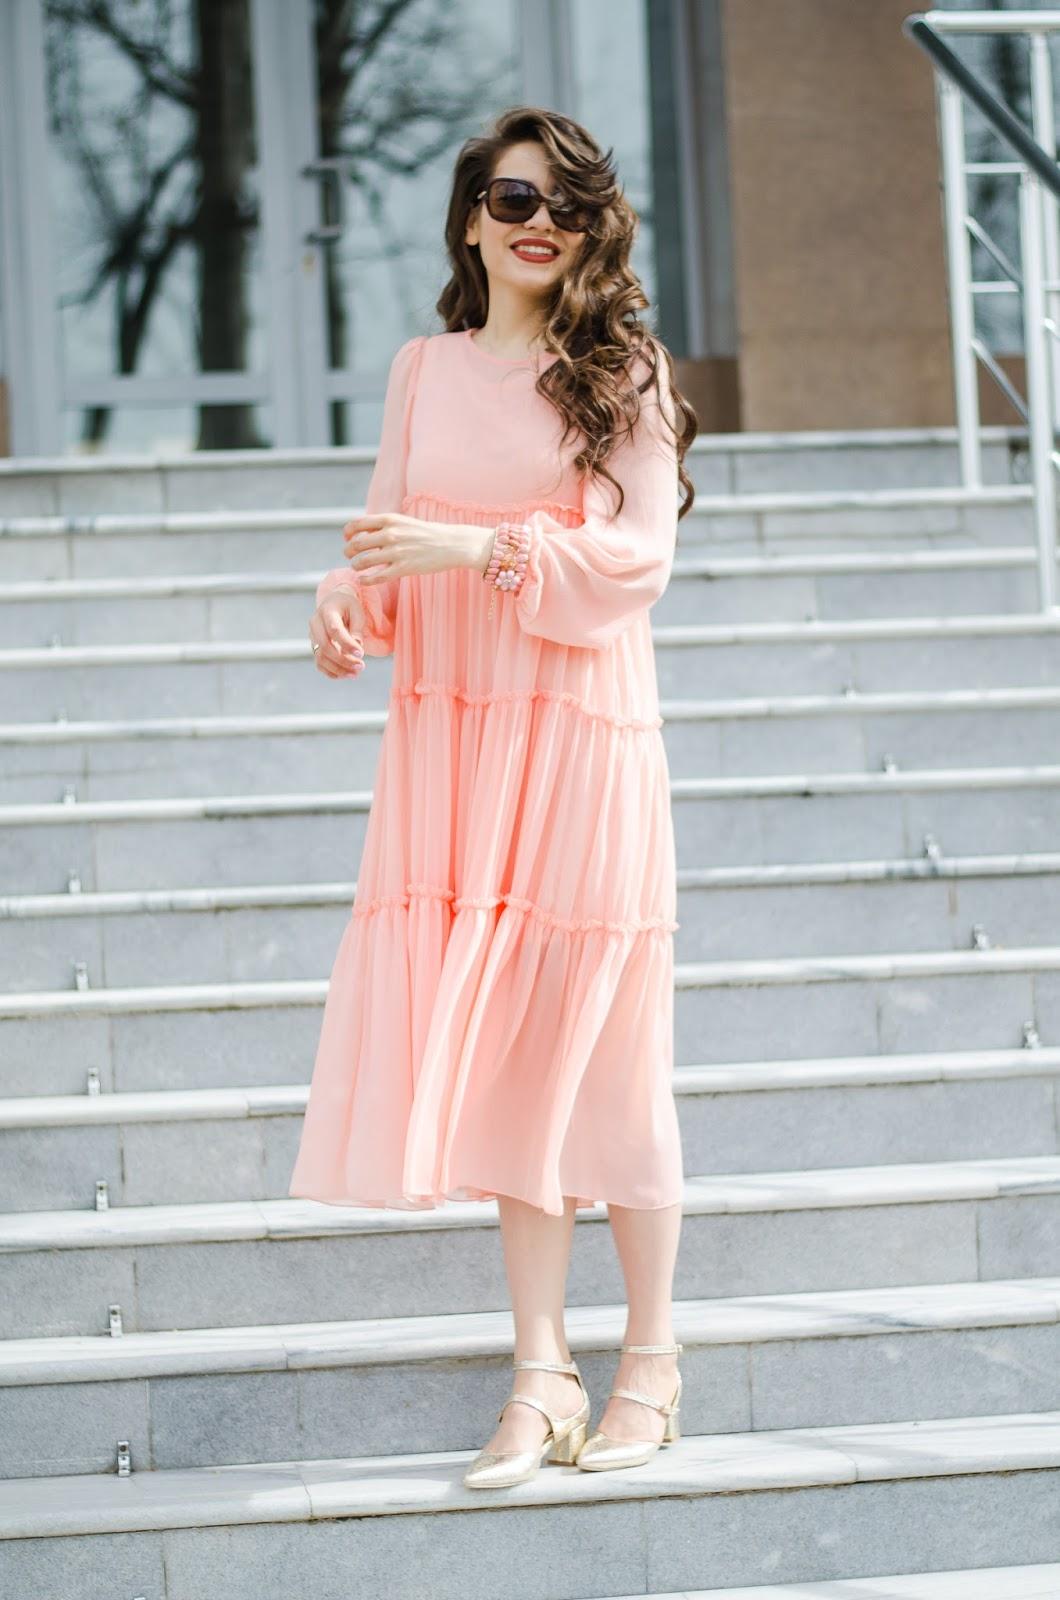 fashion-blogger-diyorasnotes-diyora-beta-midi-dress-pink-dress-metallic-heels-curly-hair